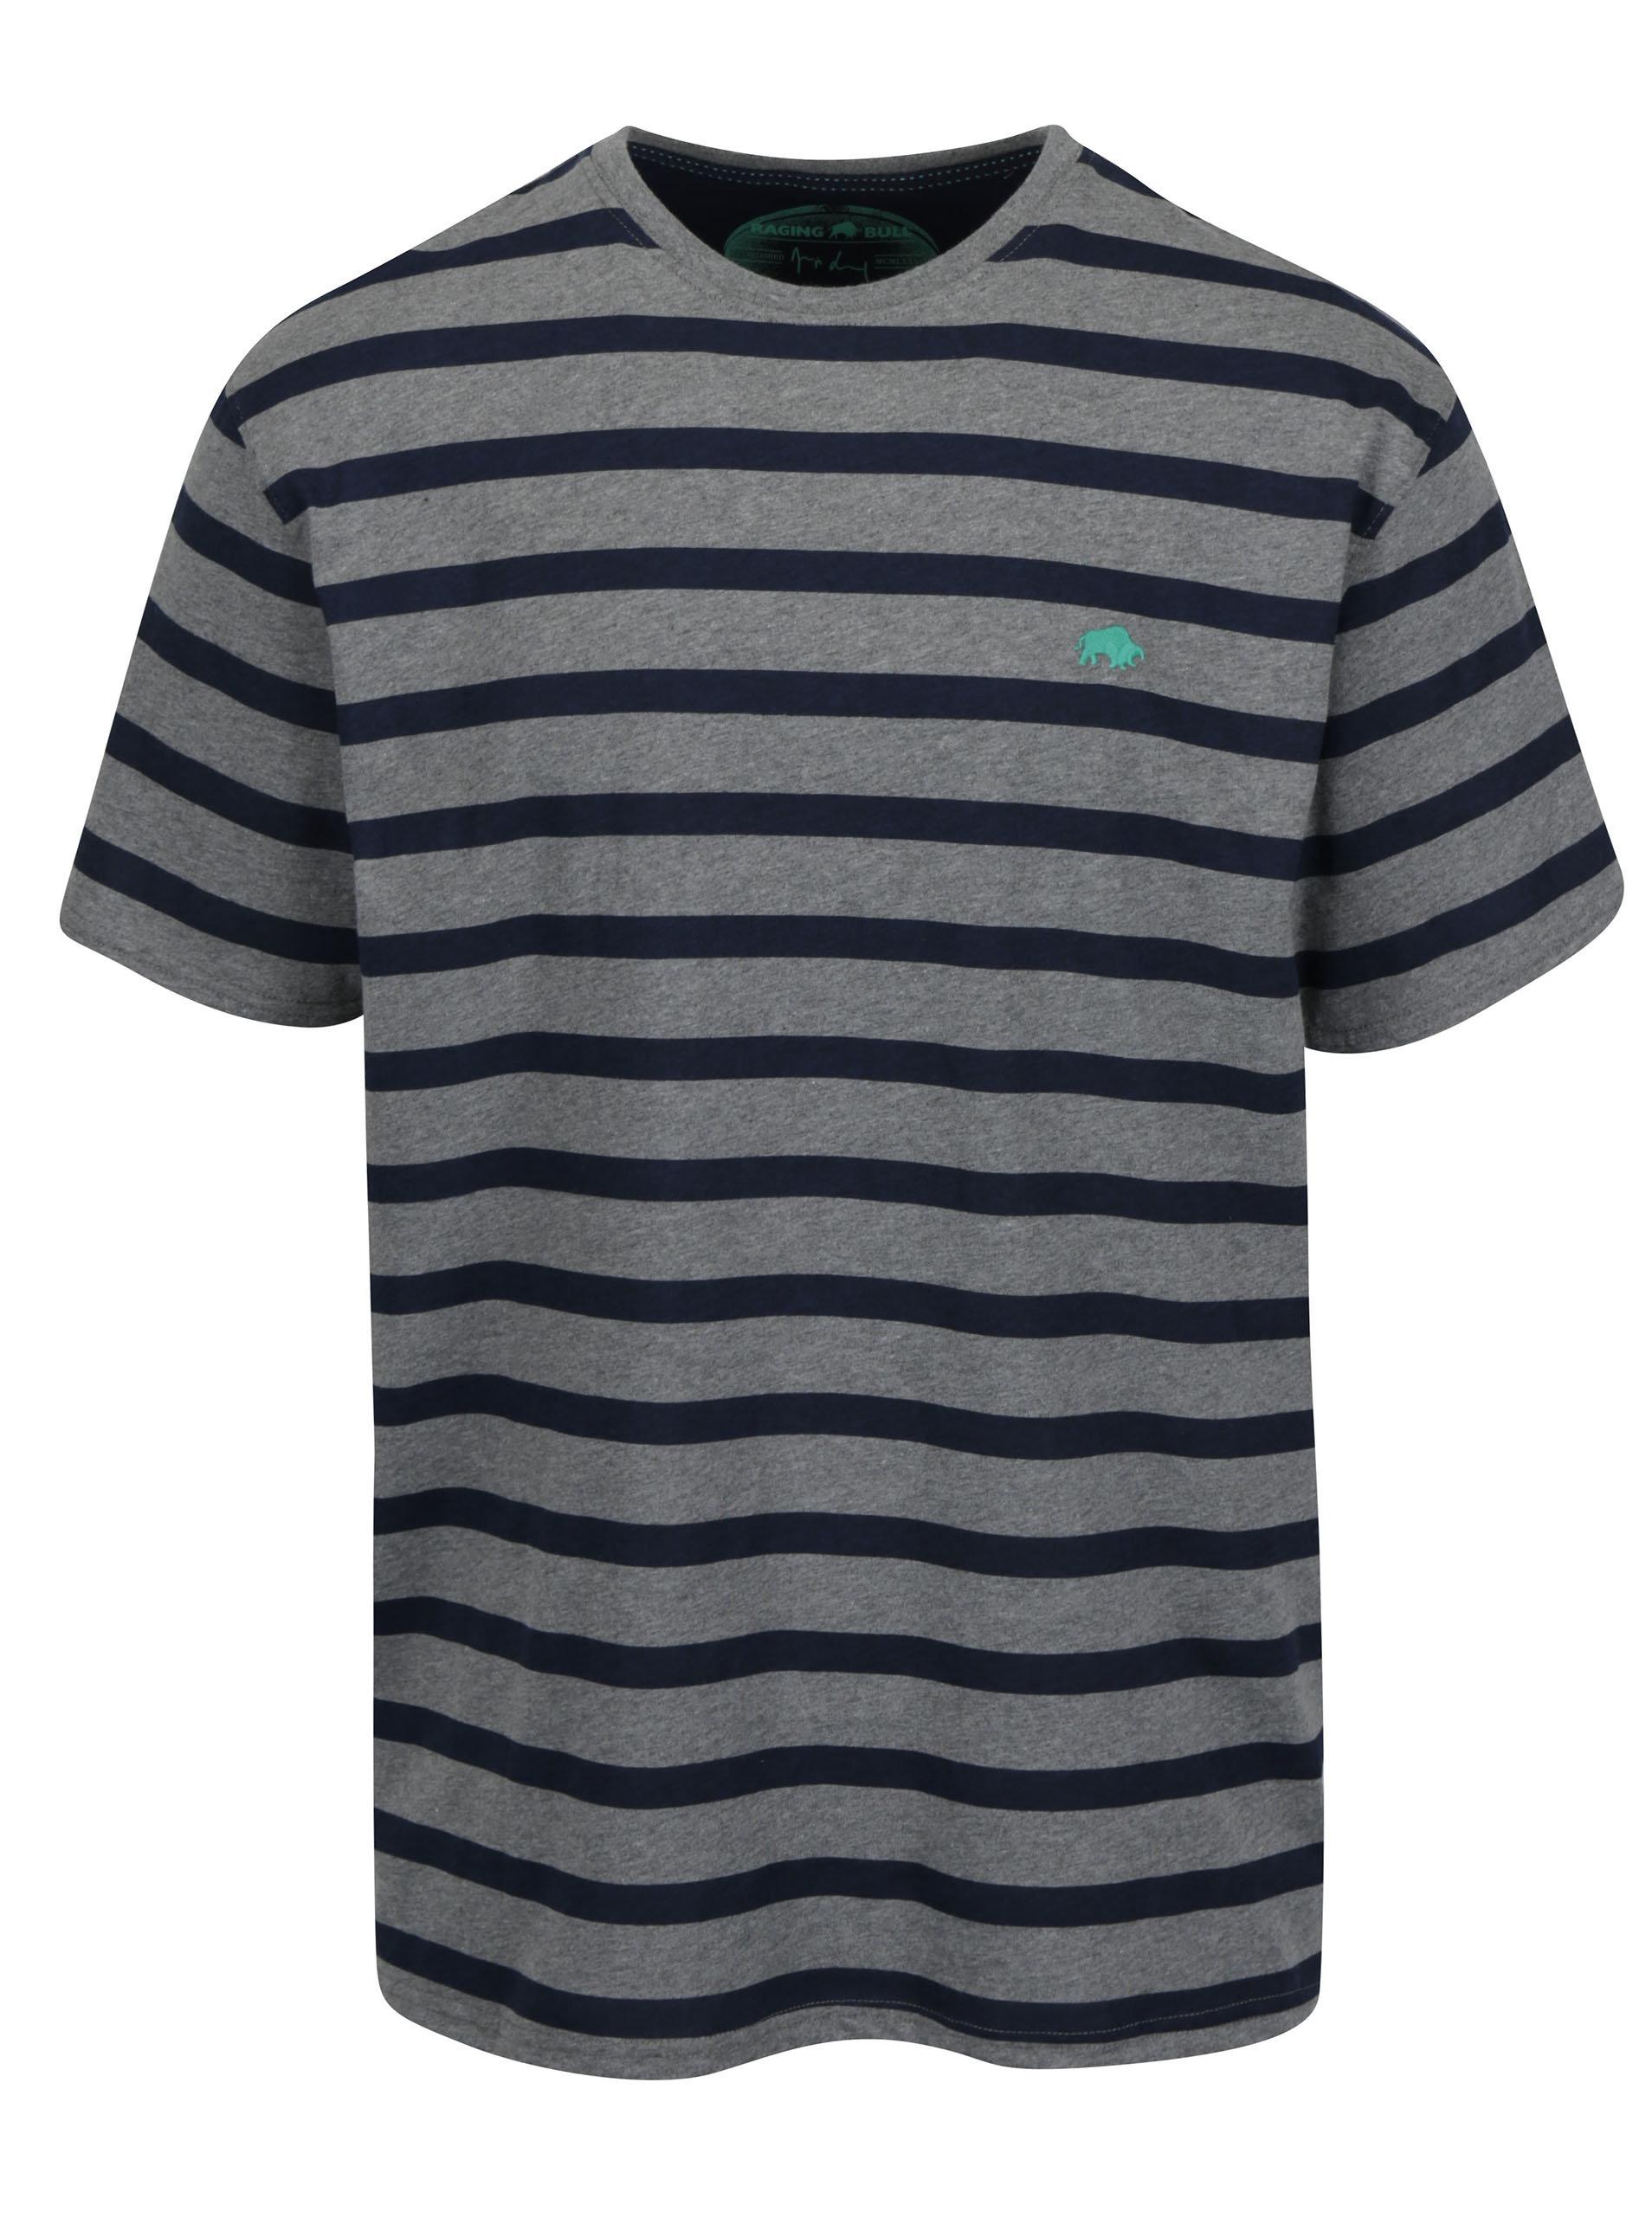 d1fdb41fe2d8 Modro-sivé pruhované tričko s výšivkou loga Raging Bull ...